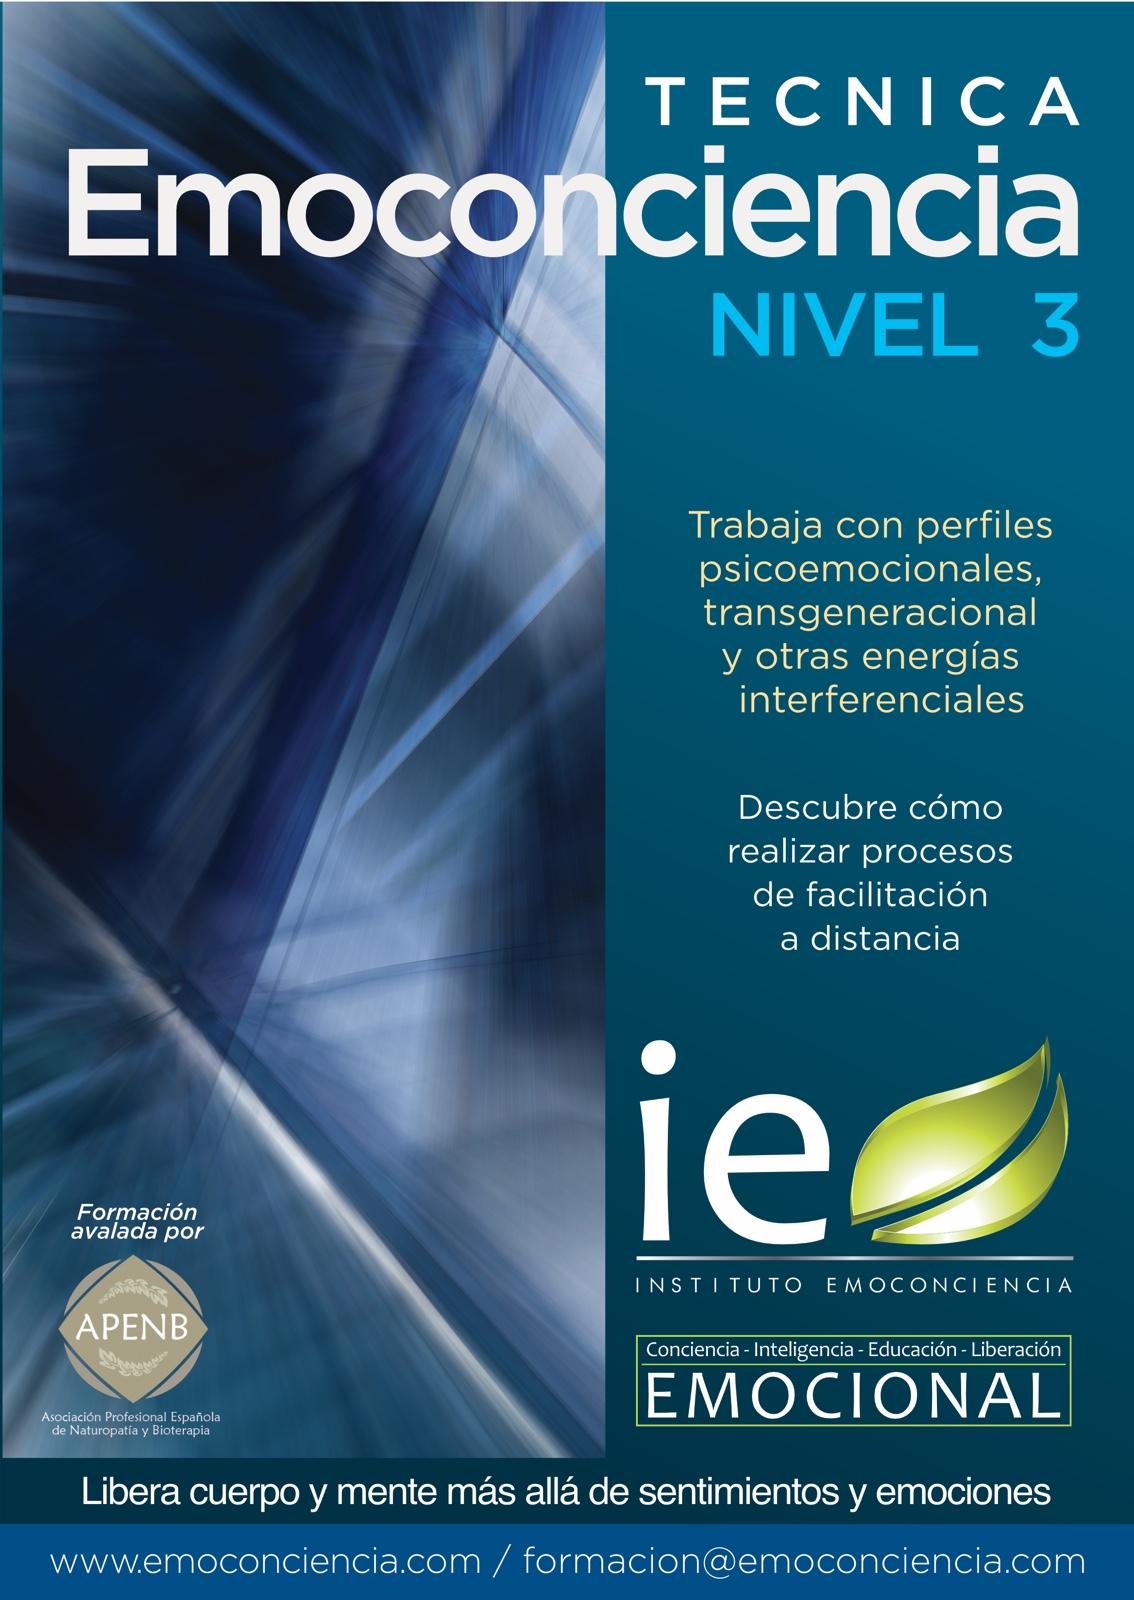 Cartel Técnica Emc 3 p - Técnica Emoconciencia